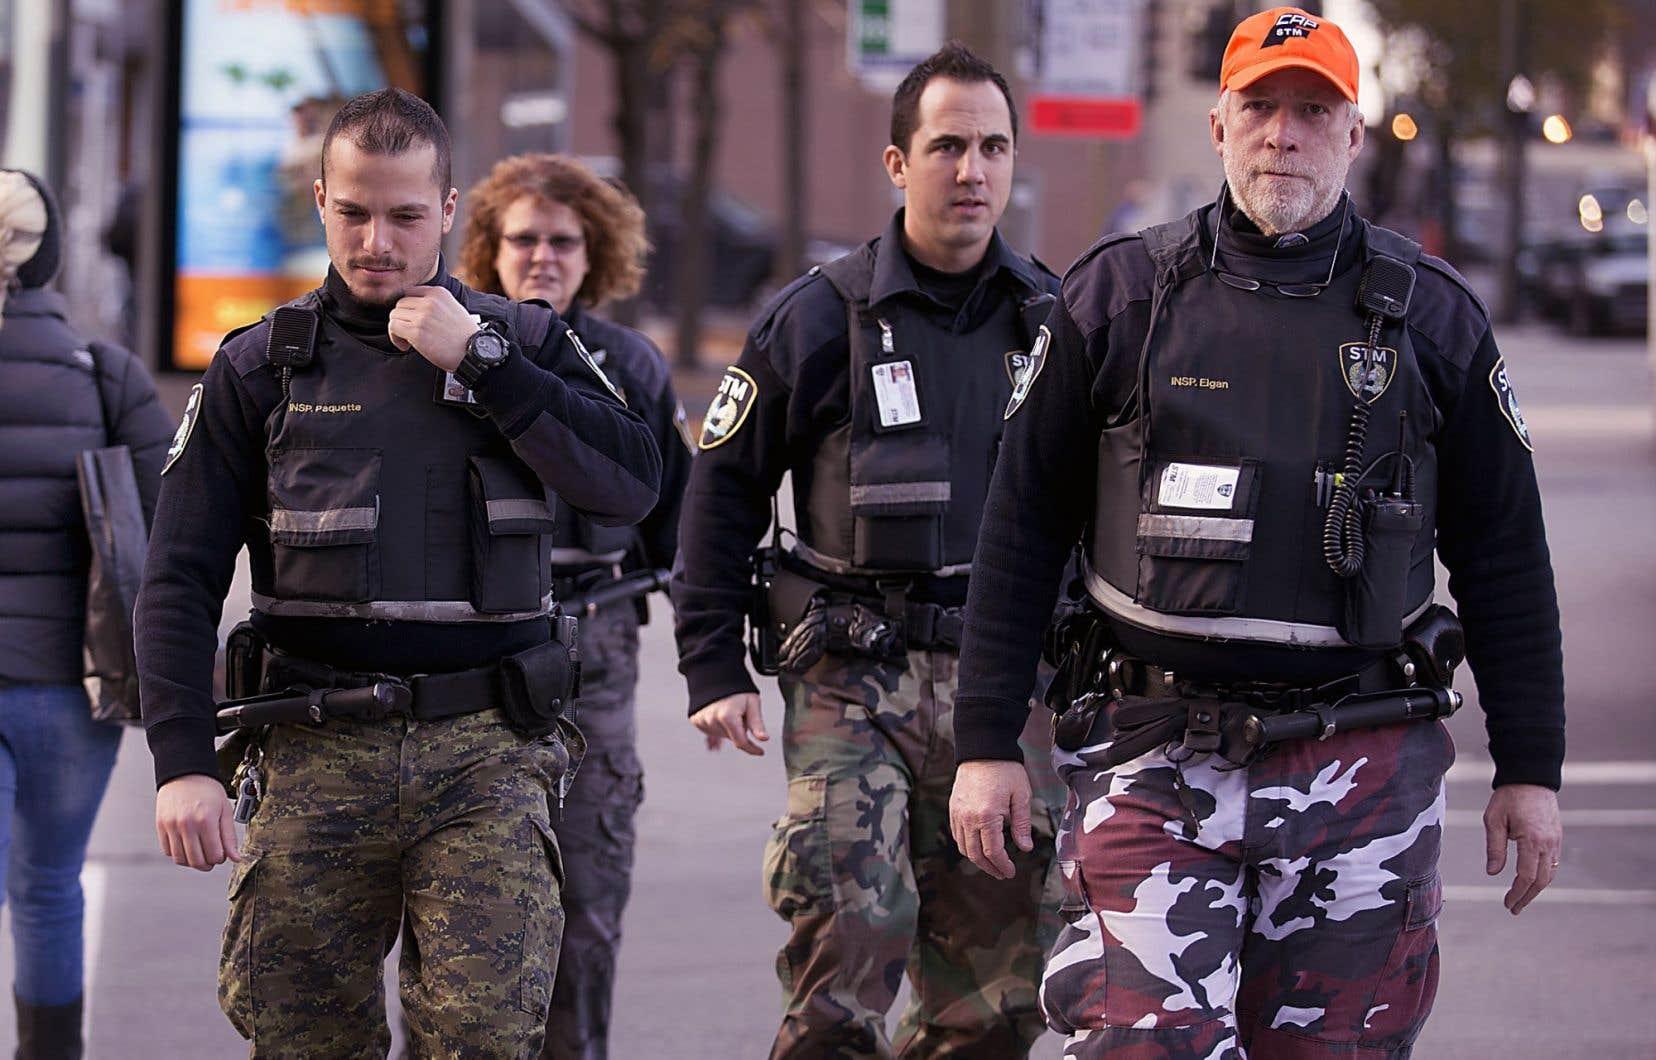 La Ligue des droits et libertés estime qu'il y a un système de «répression politique et policière».